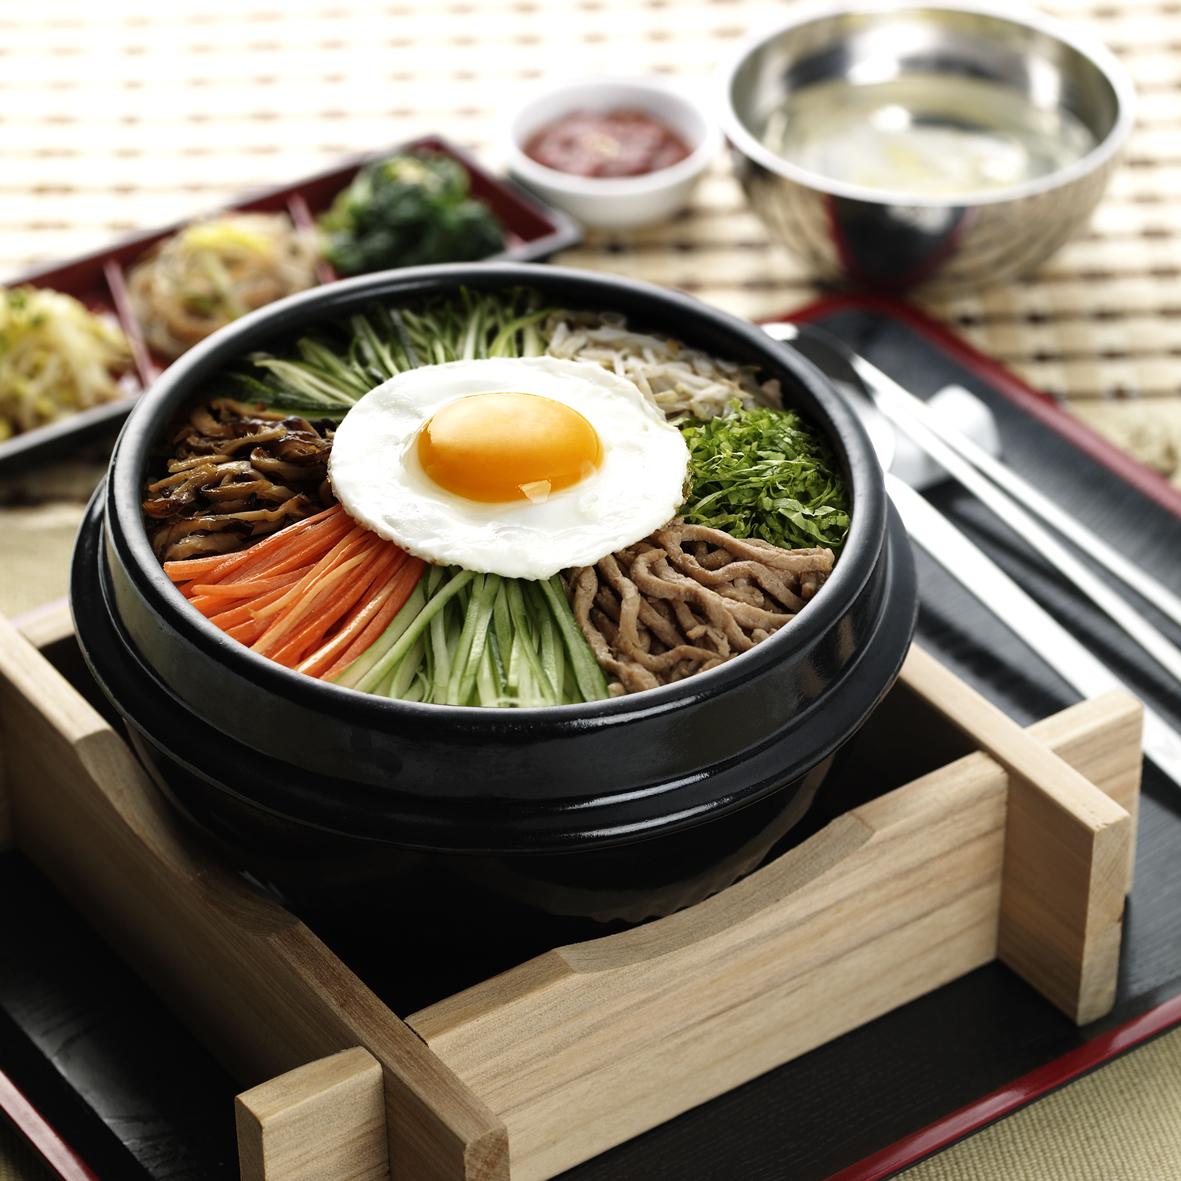 kimju-010515-N.jpg